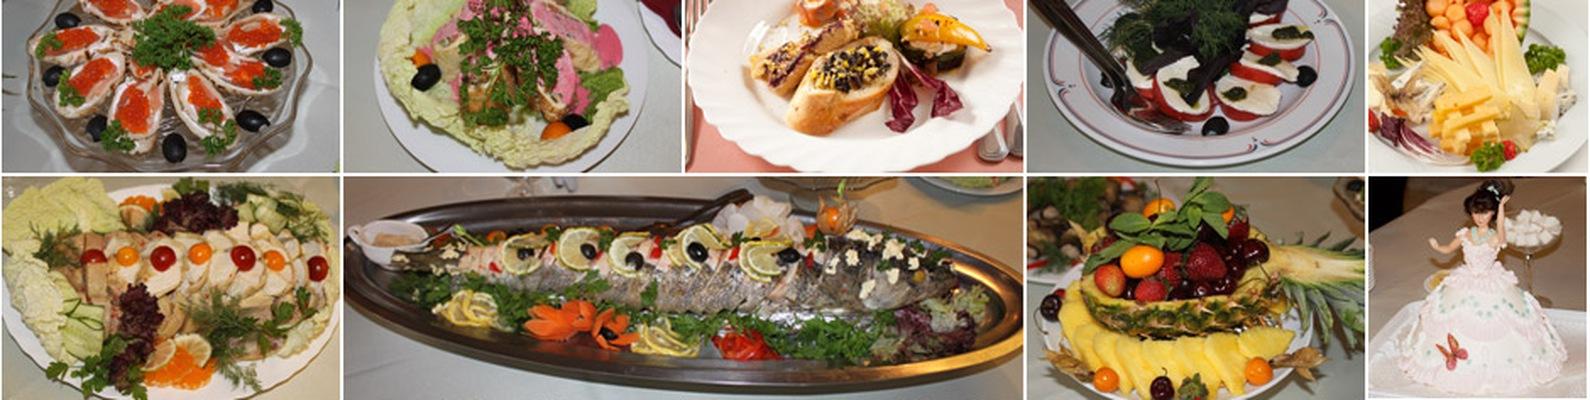 аварии банкетное меню ресторанов рецепты фото родилась выросла казахстане